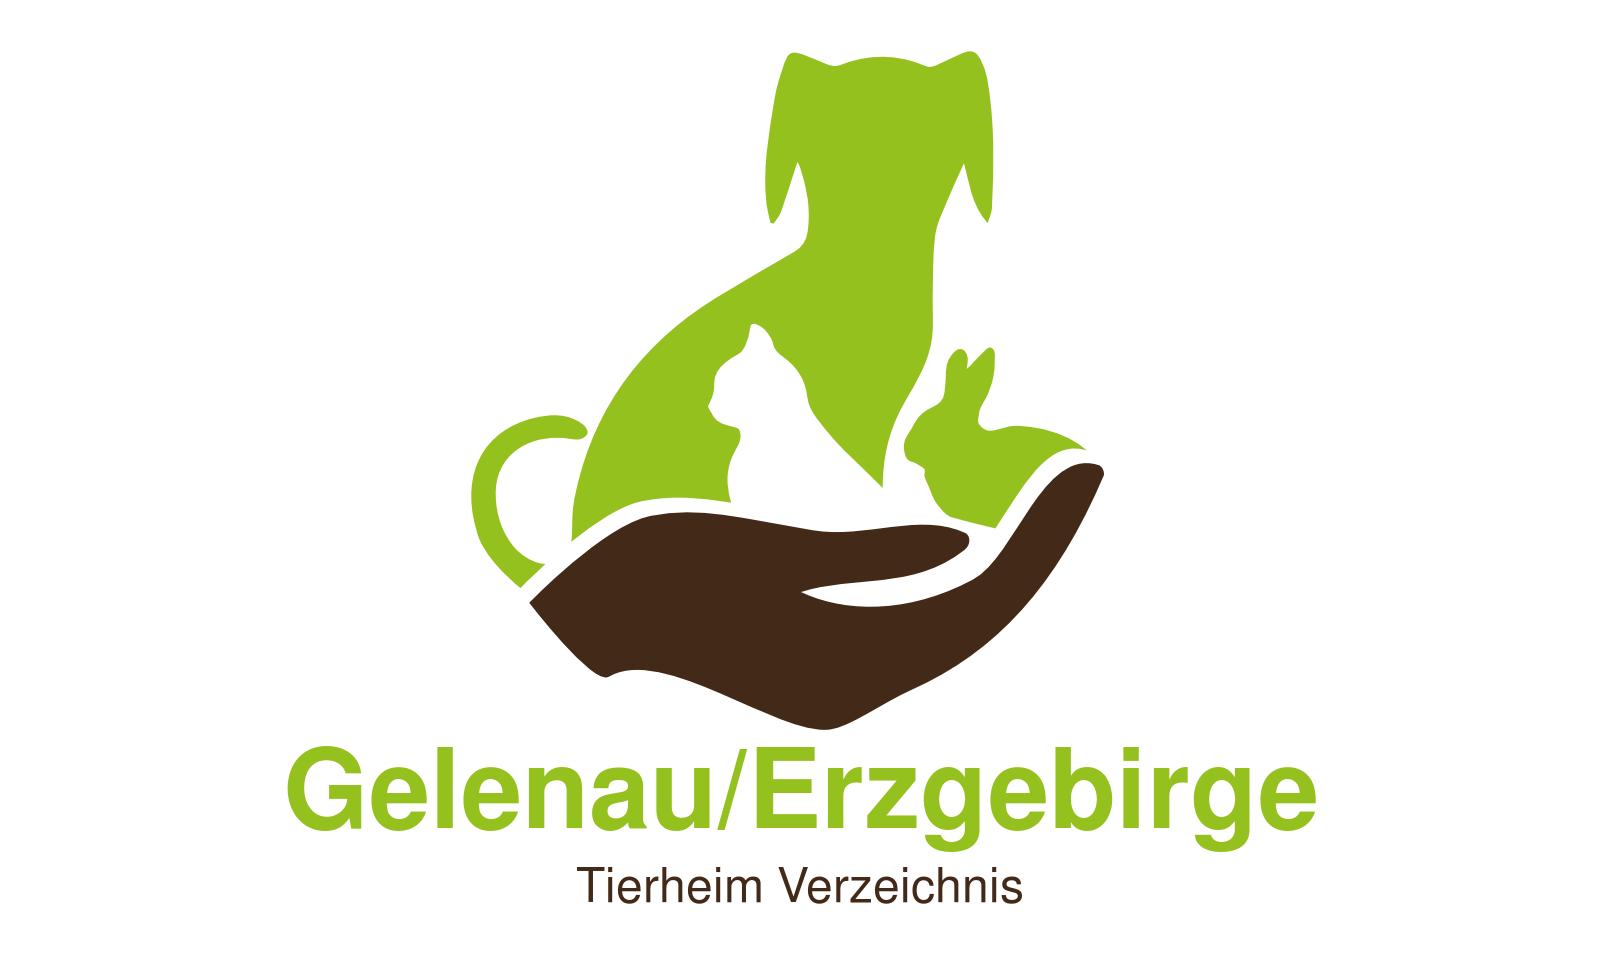 Tierheim Gelenau/Erzgebirge